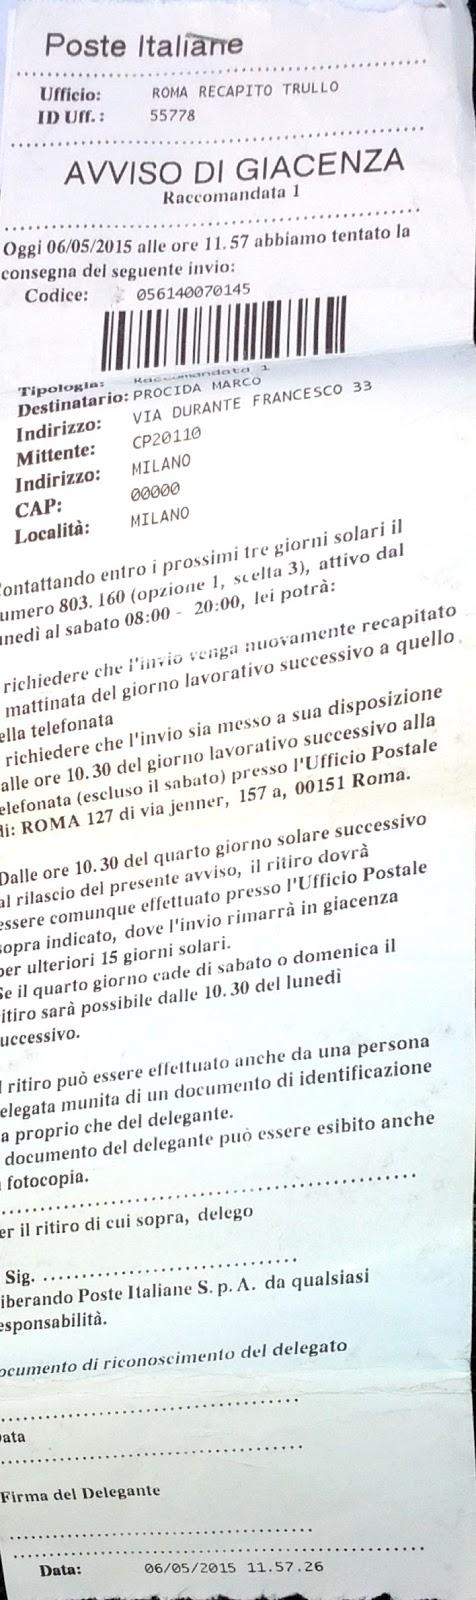 E io condivido poste italiane si fanno pagare per le - Dove trovo i dati catastali ...